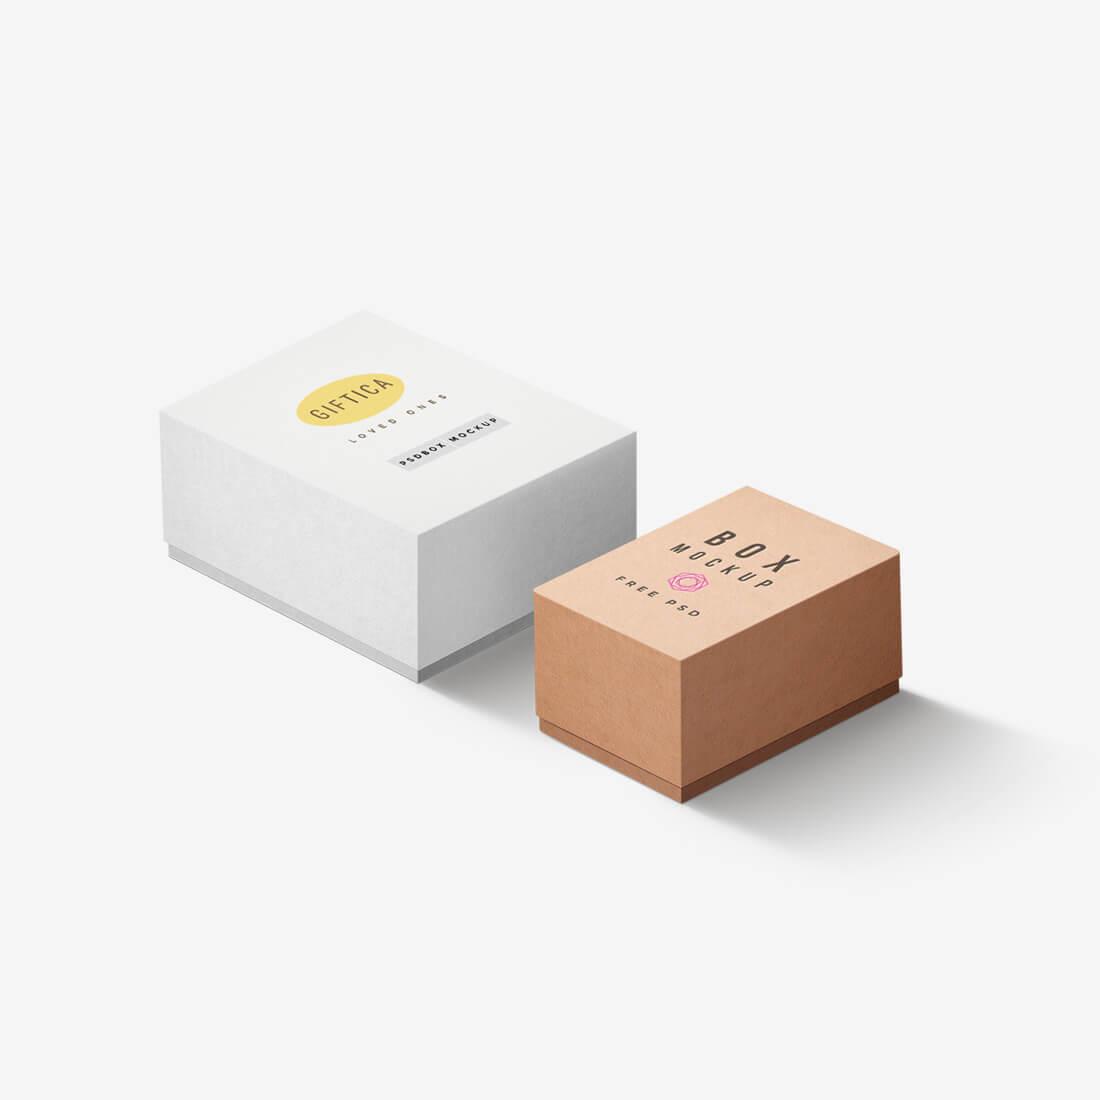 portfolio5square - طراحی استودیوی